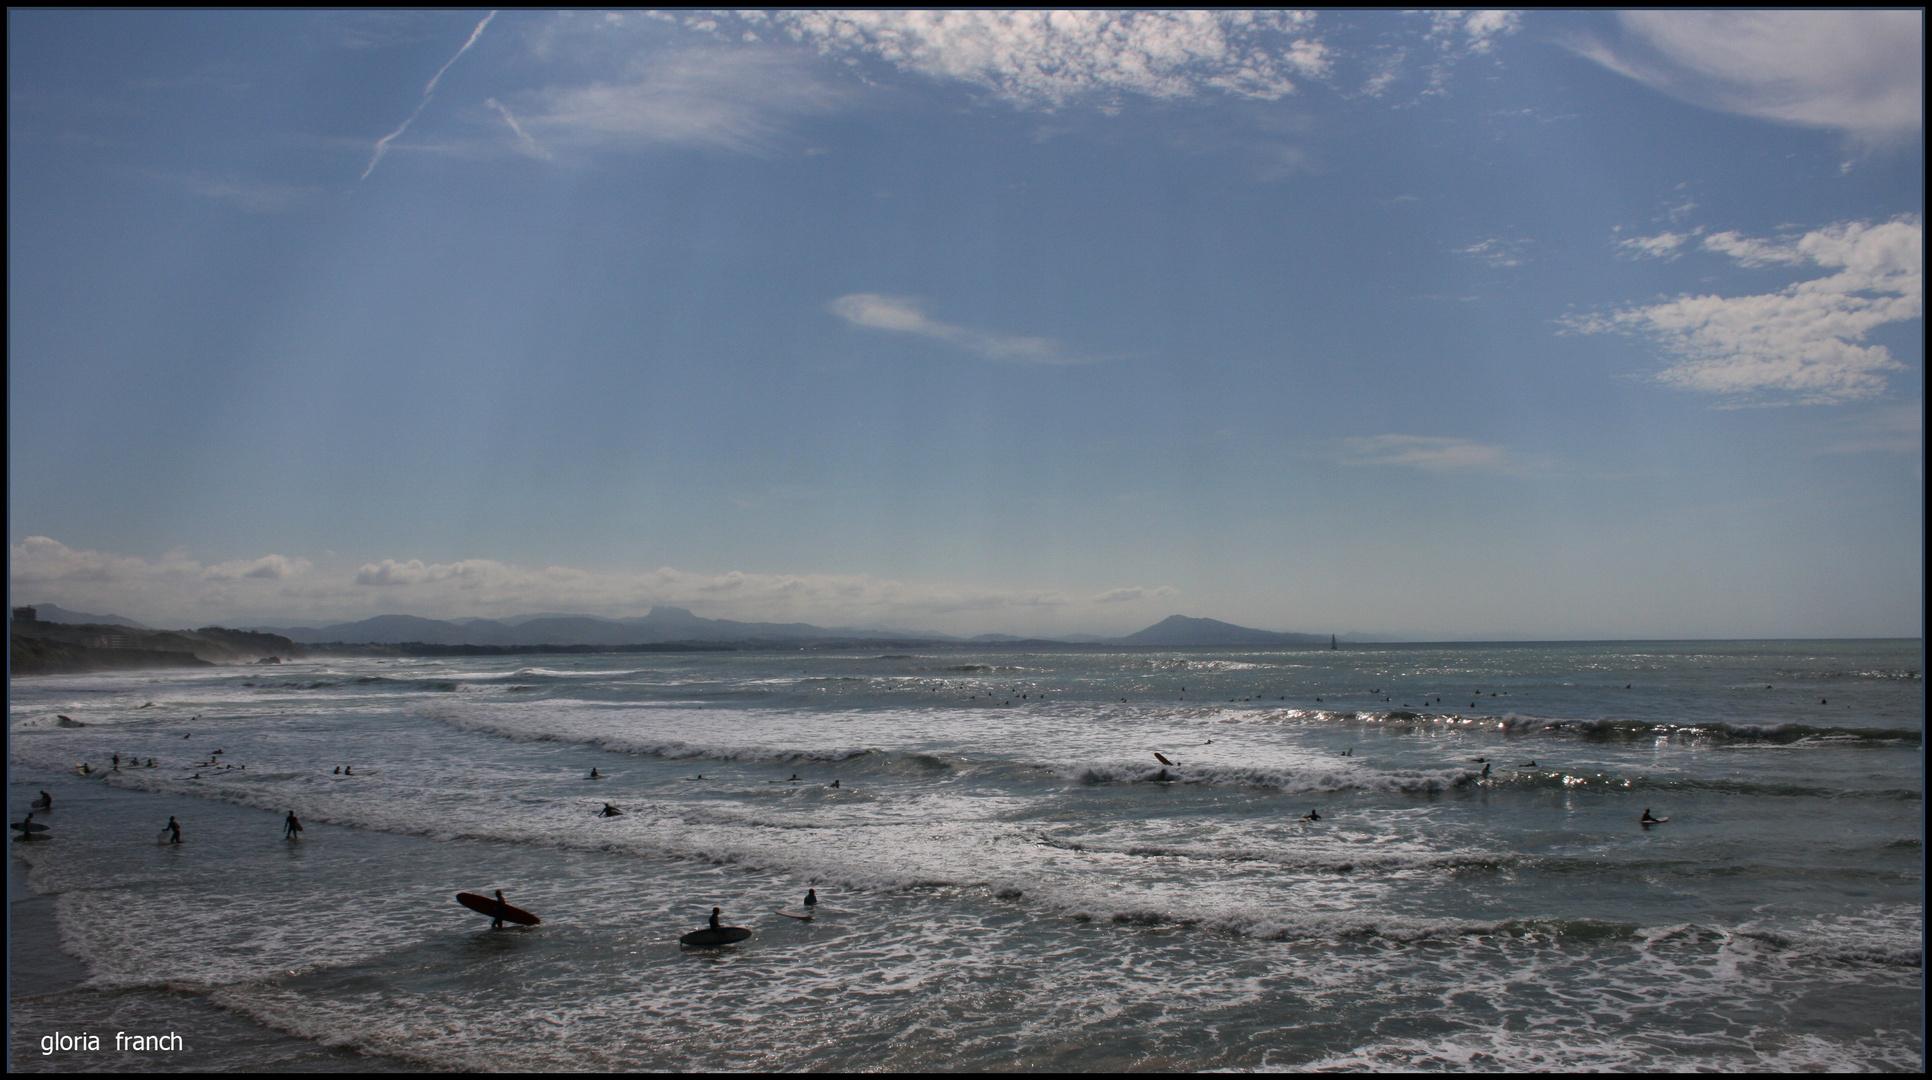 su excelencia la mar